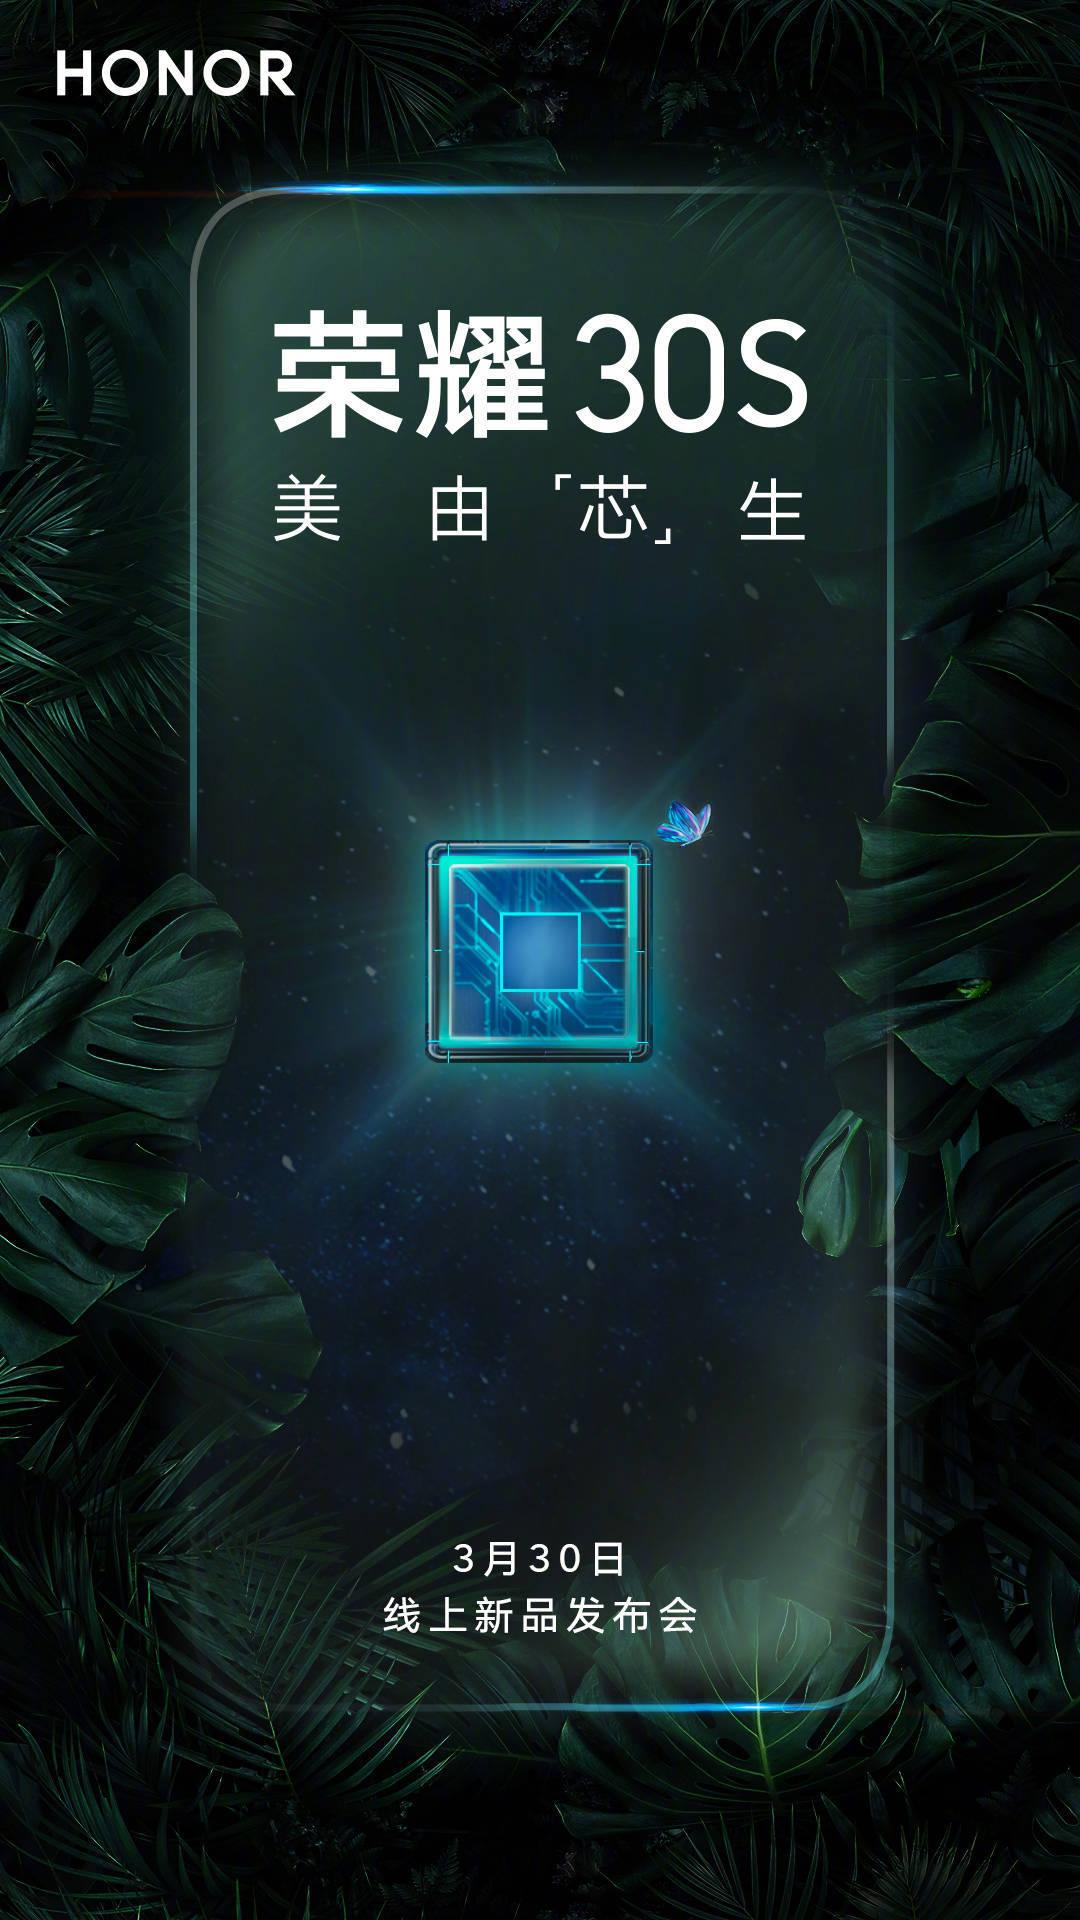 Huawei обещает очень высокий уровень приёма сети в новом смартфоне